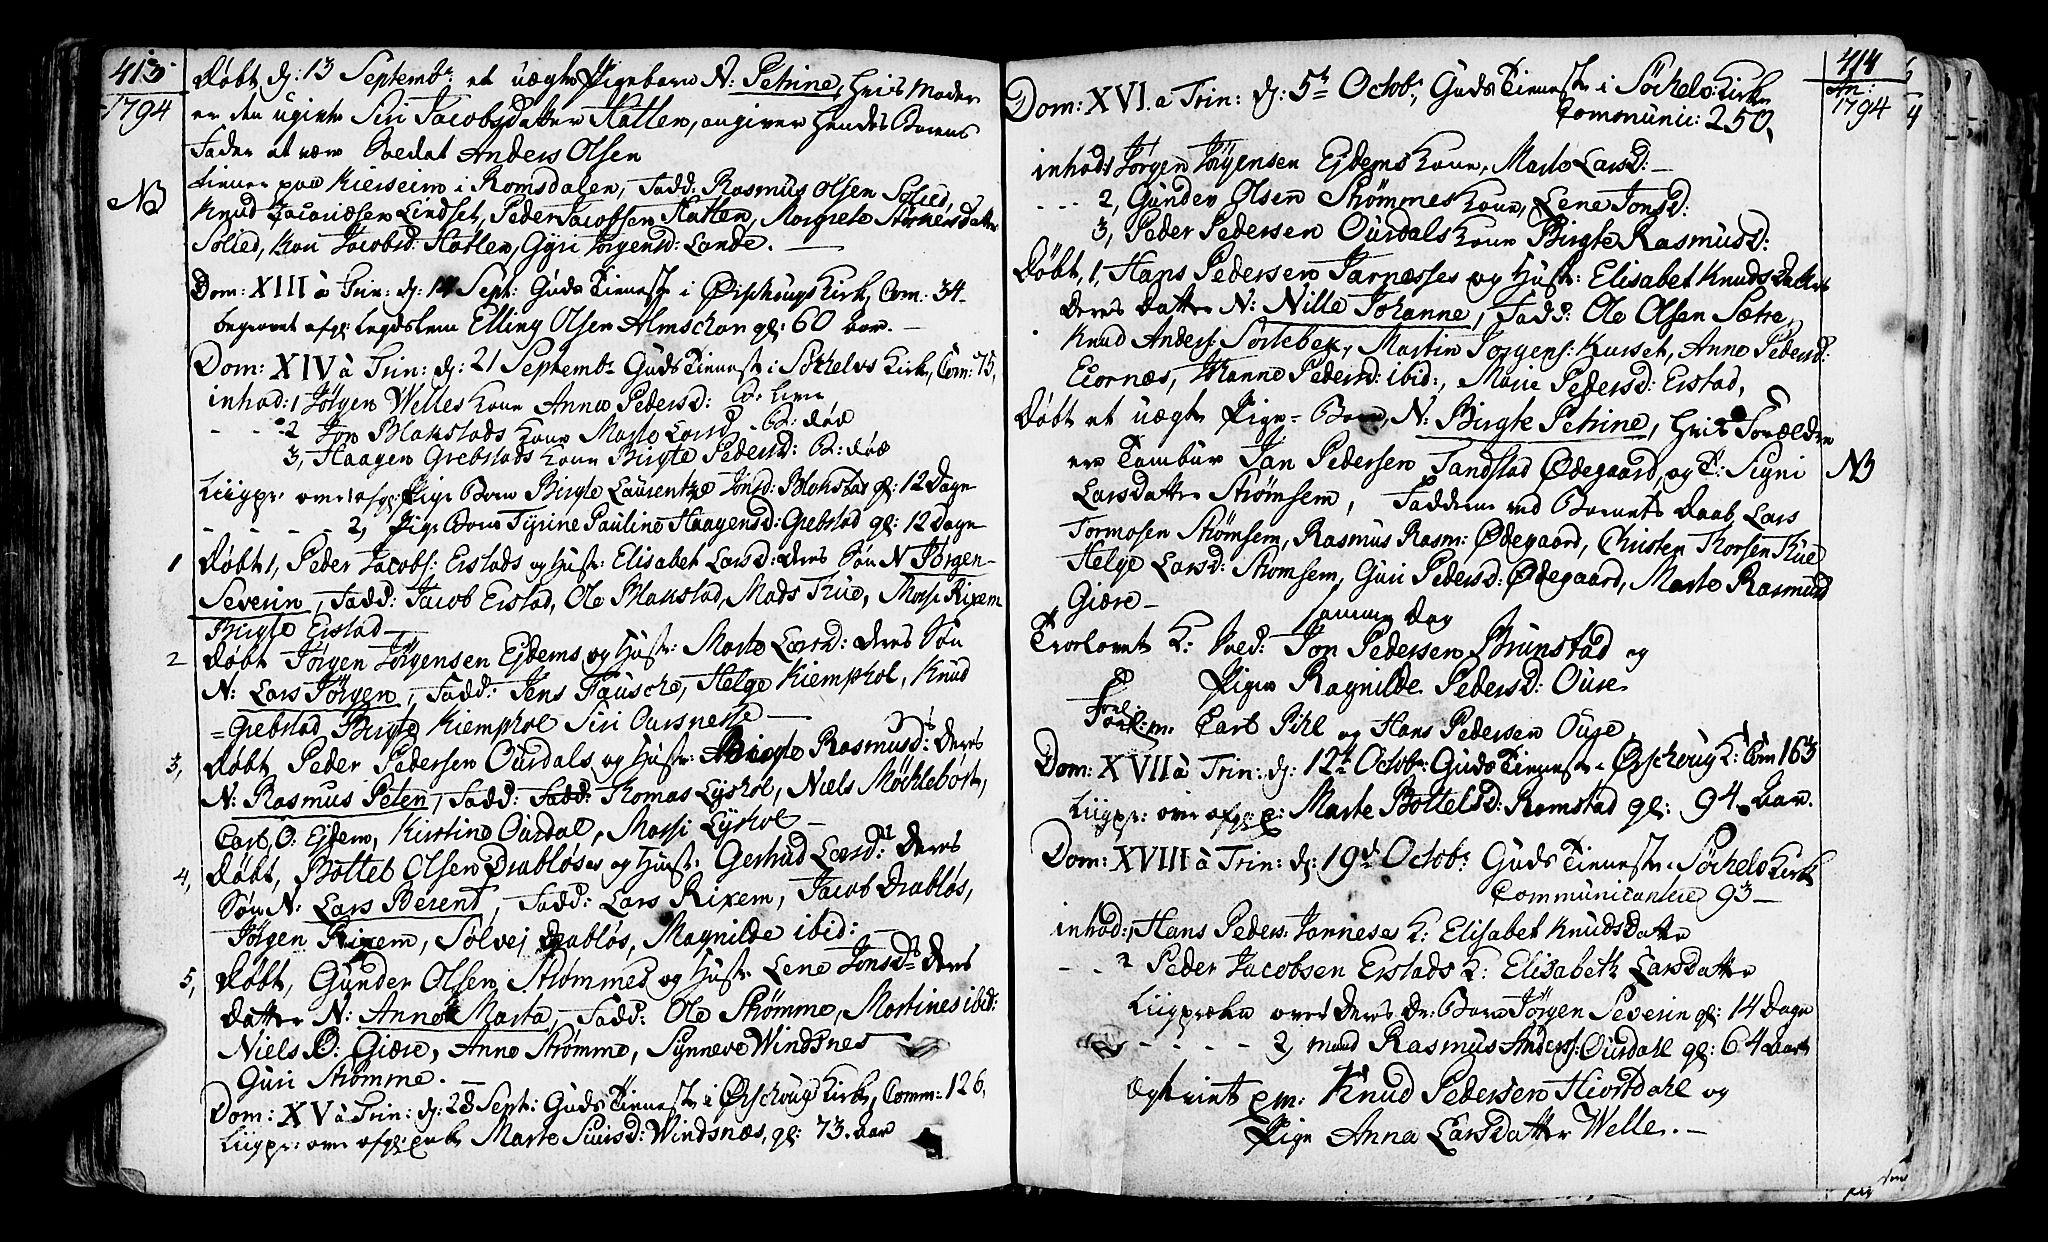 SAT, Ministerialprotokoller, klokkerbøker og fødselsregistre - Møre og Romsdal, 522/L0308: Ministerialbok nr. 522A03, 1773-1809, s. 413-414